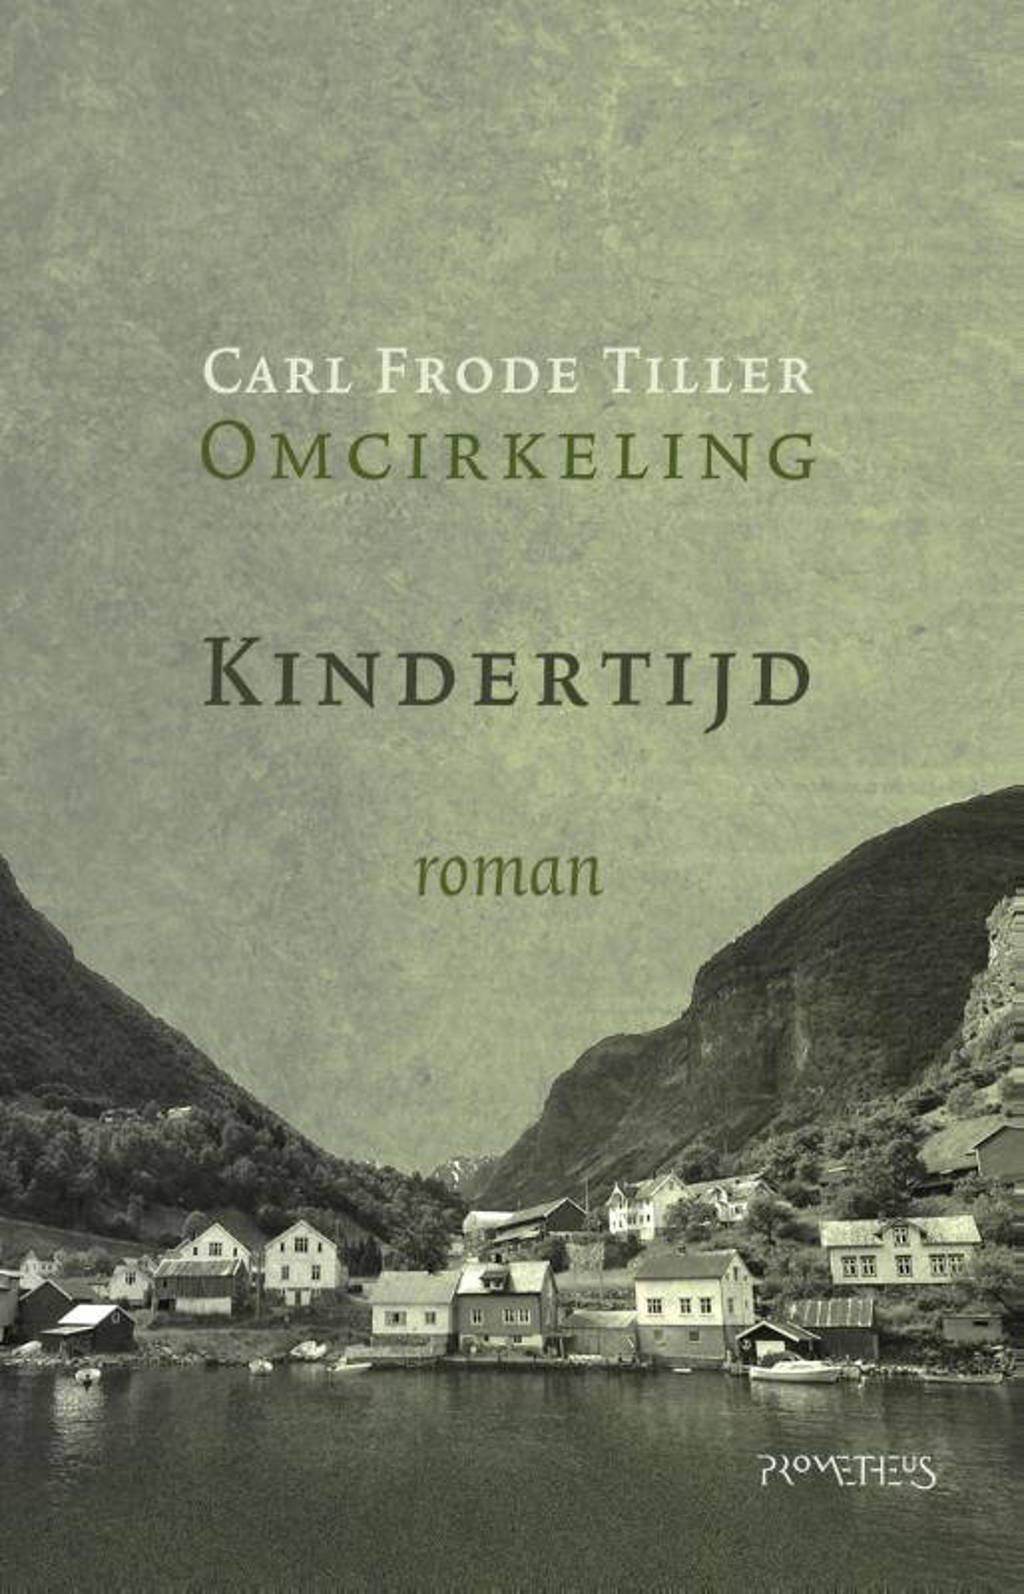 Kindertijd - Carl Frode Tiller